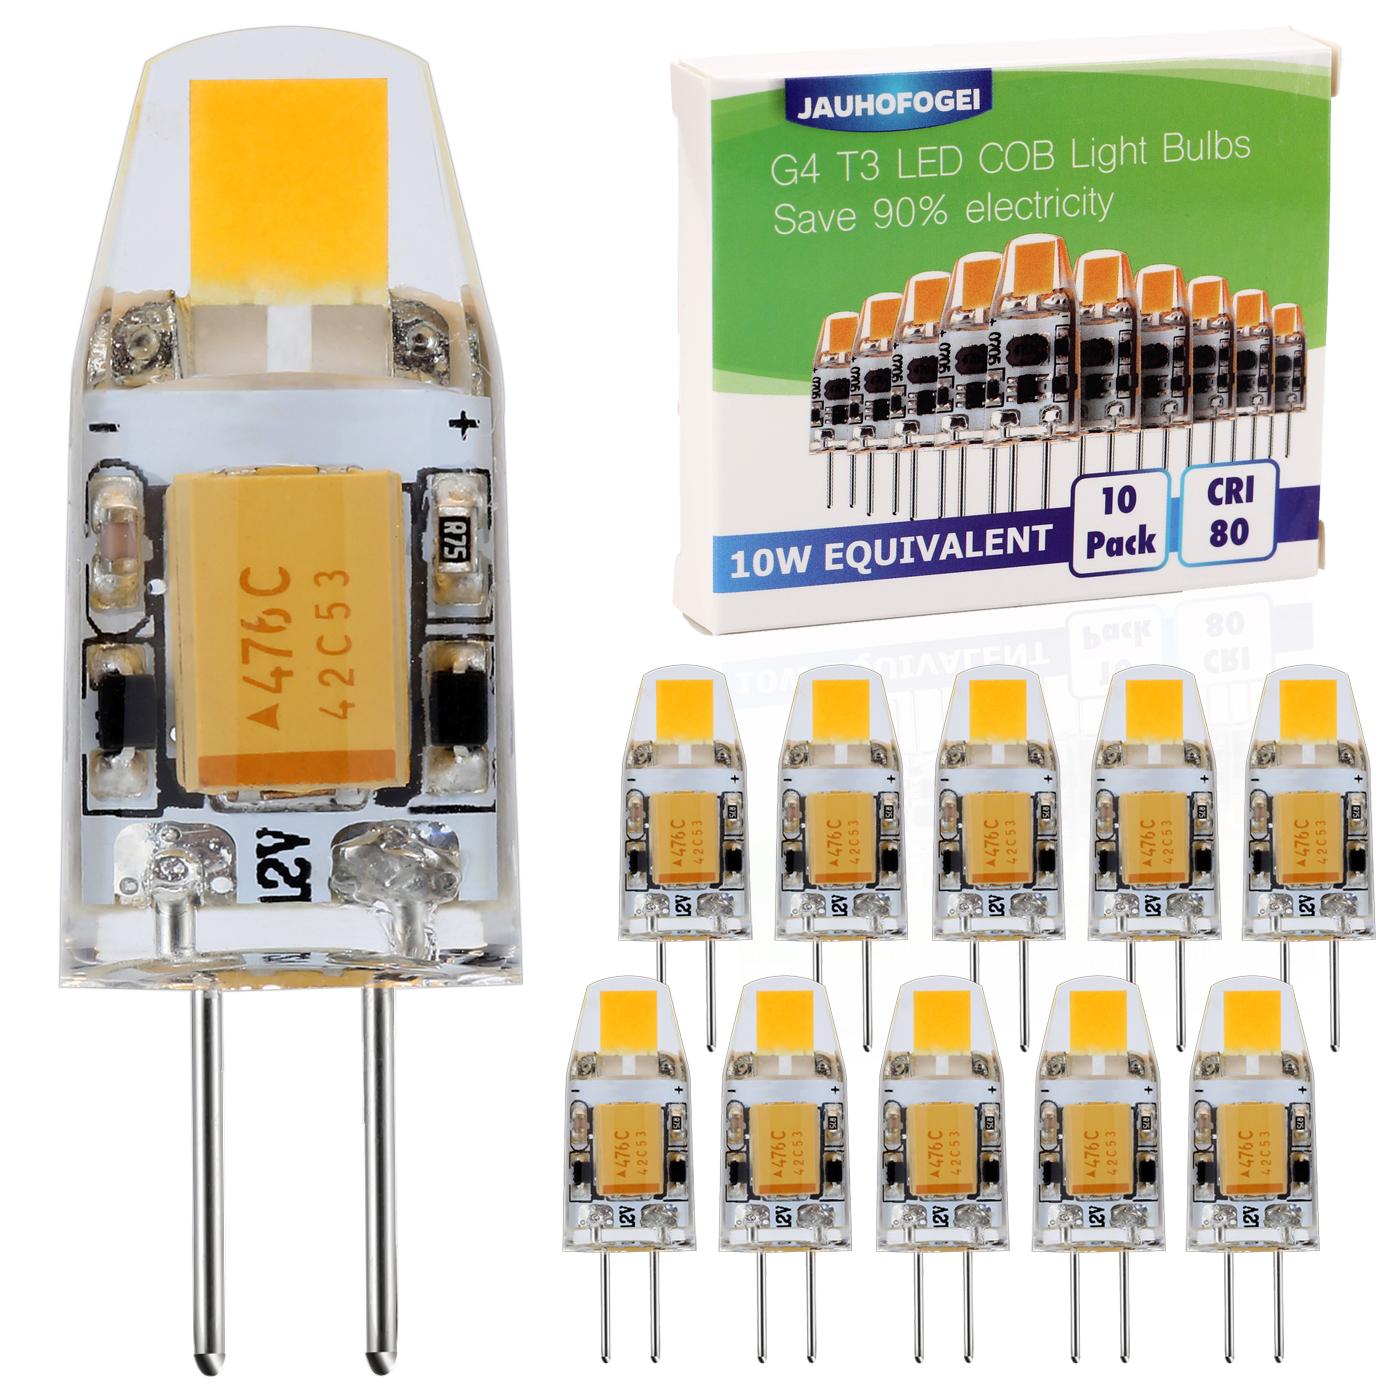 Ampoule Led G4 12v 10w.Details Sur Jauhofogei 10 X Ampoule Led G4 1w 12v Blanc Chaud Equivalent A Halogene 10w